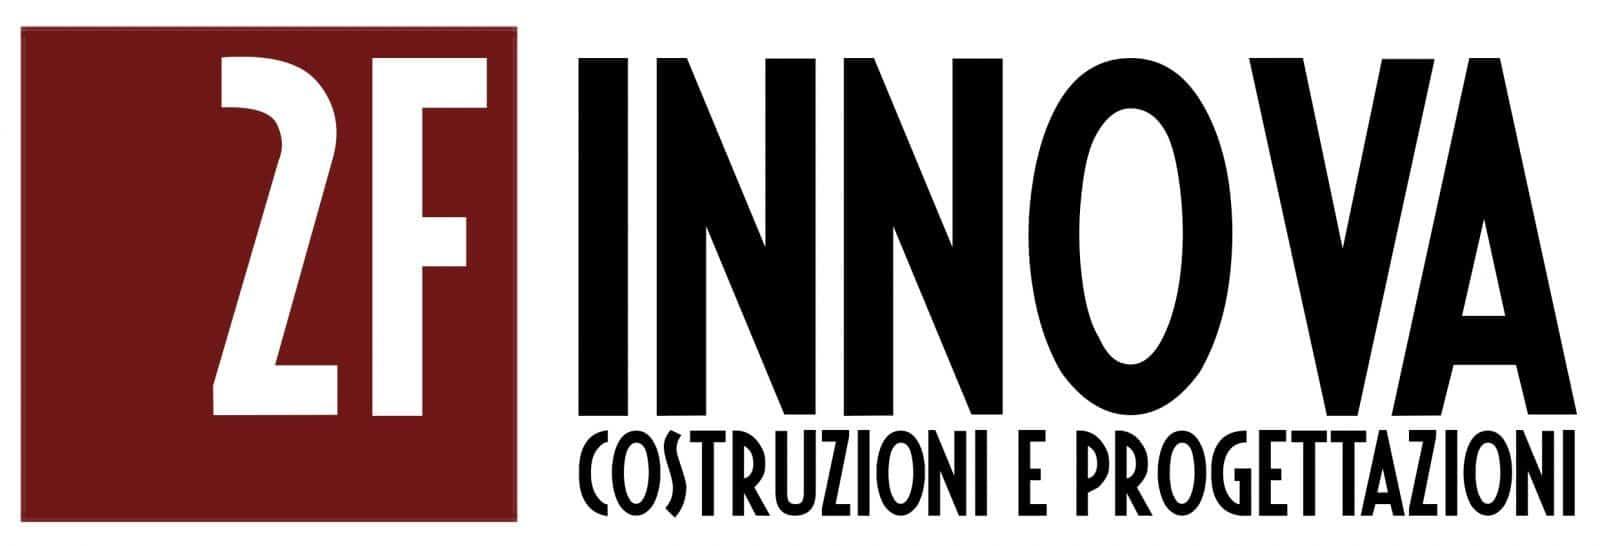 2f innova